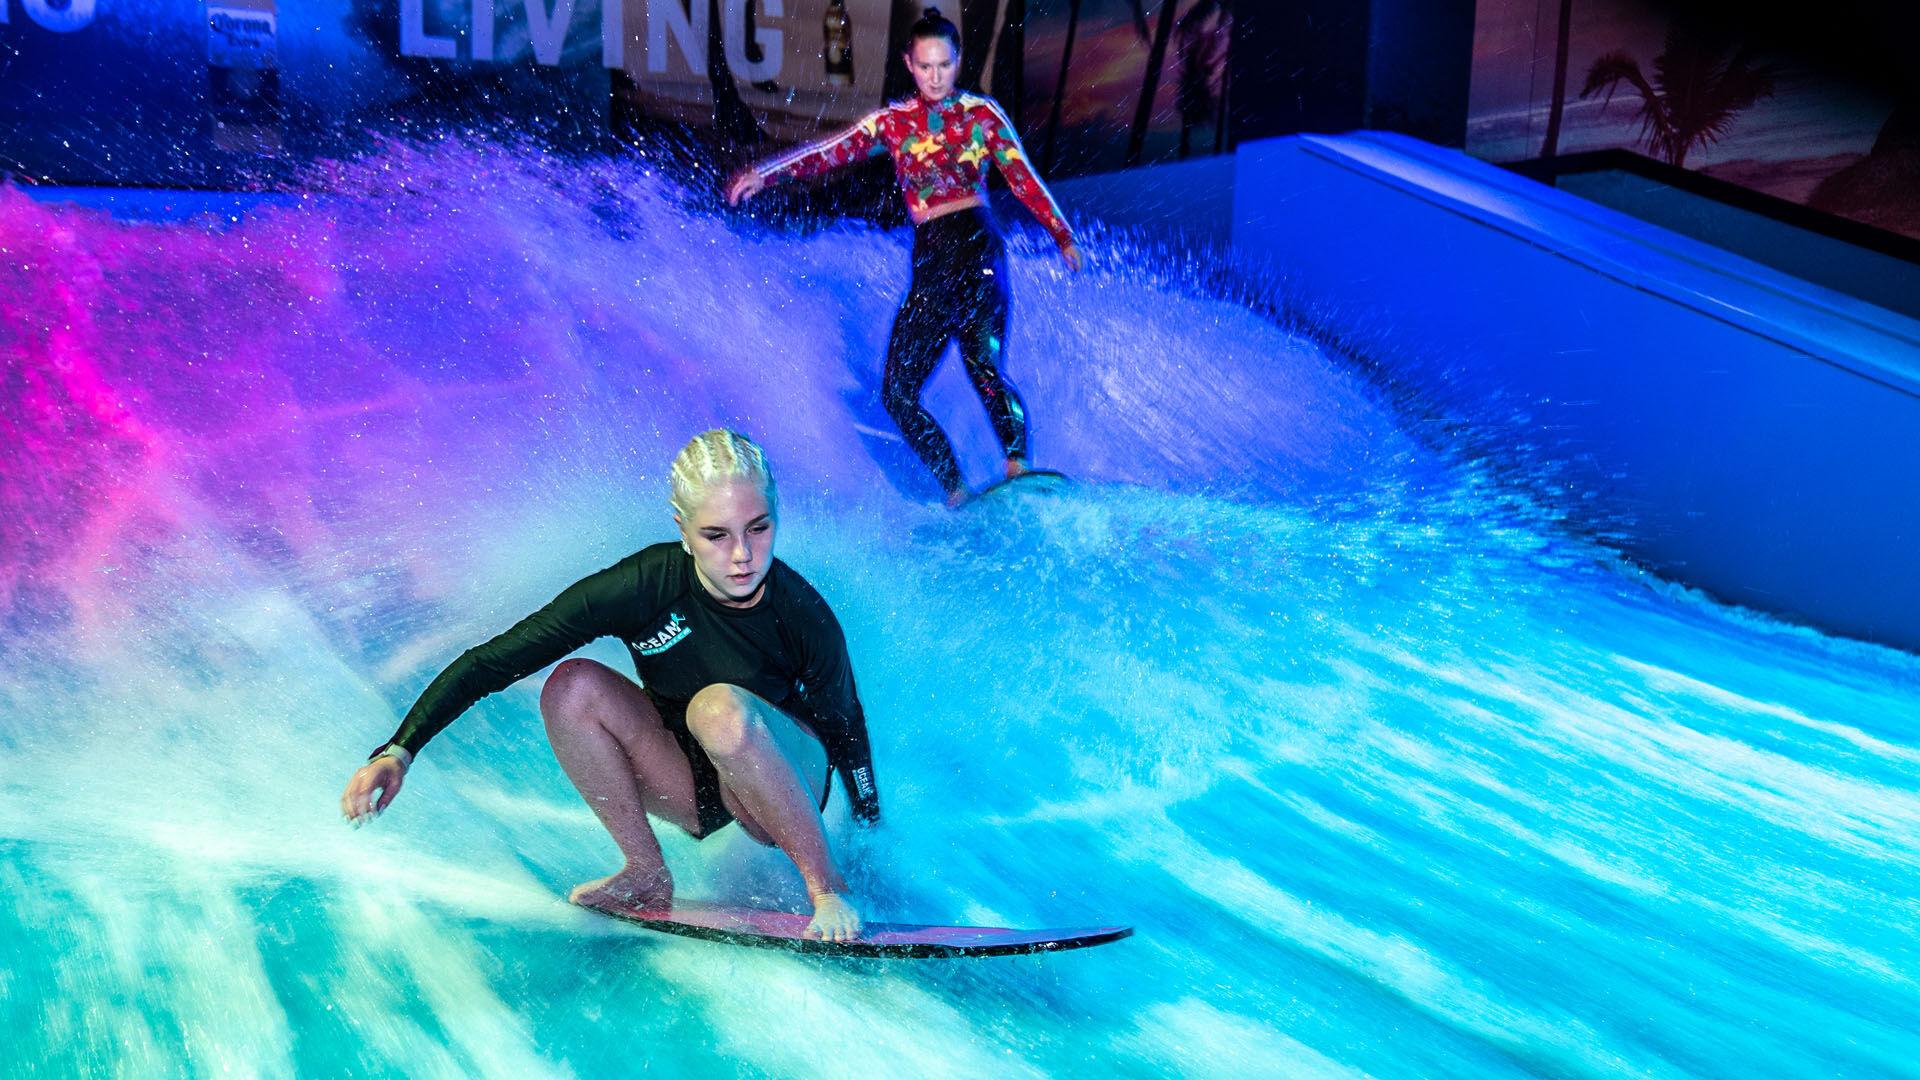 Surfing Finland